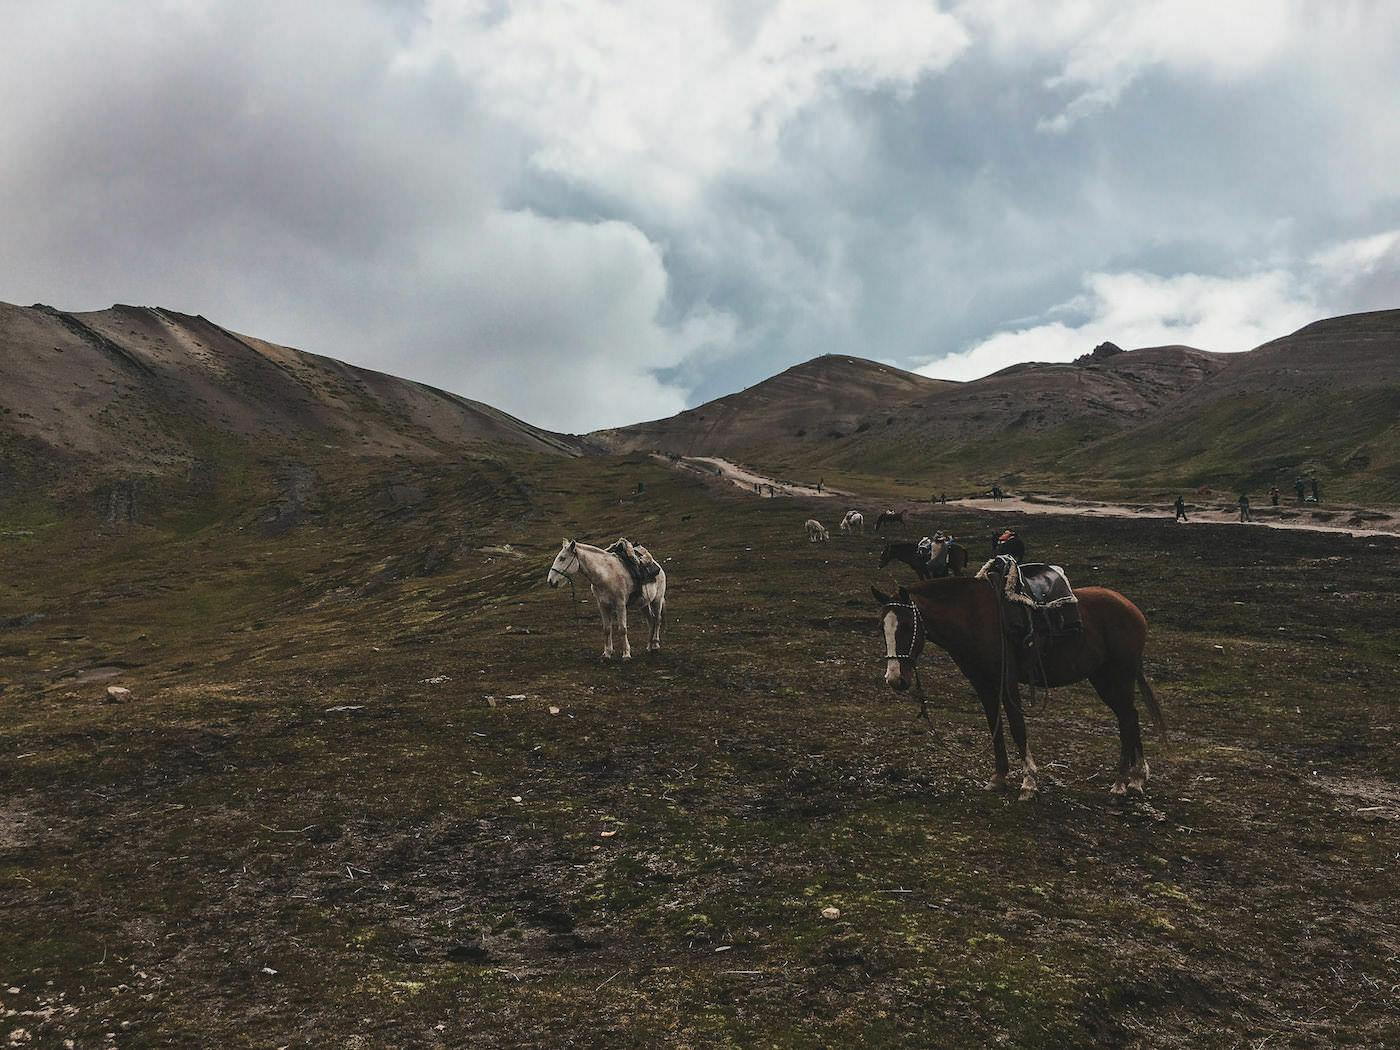 Konie na zboczu tęczowej góry